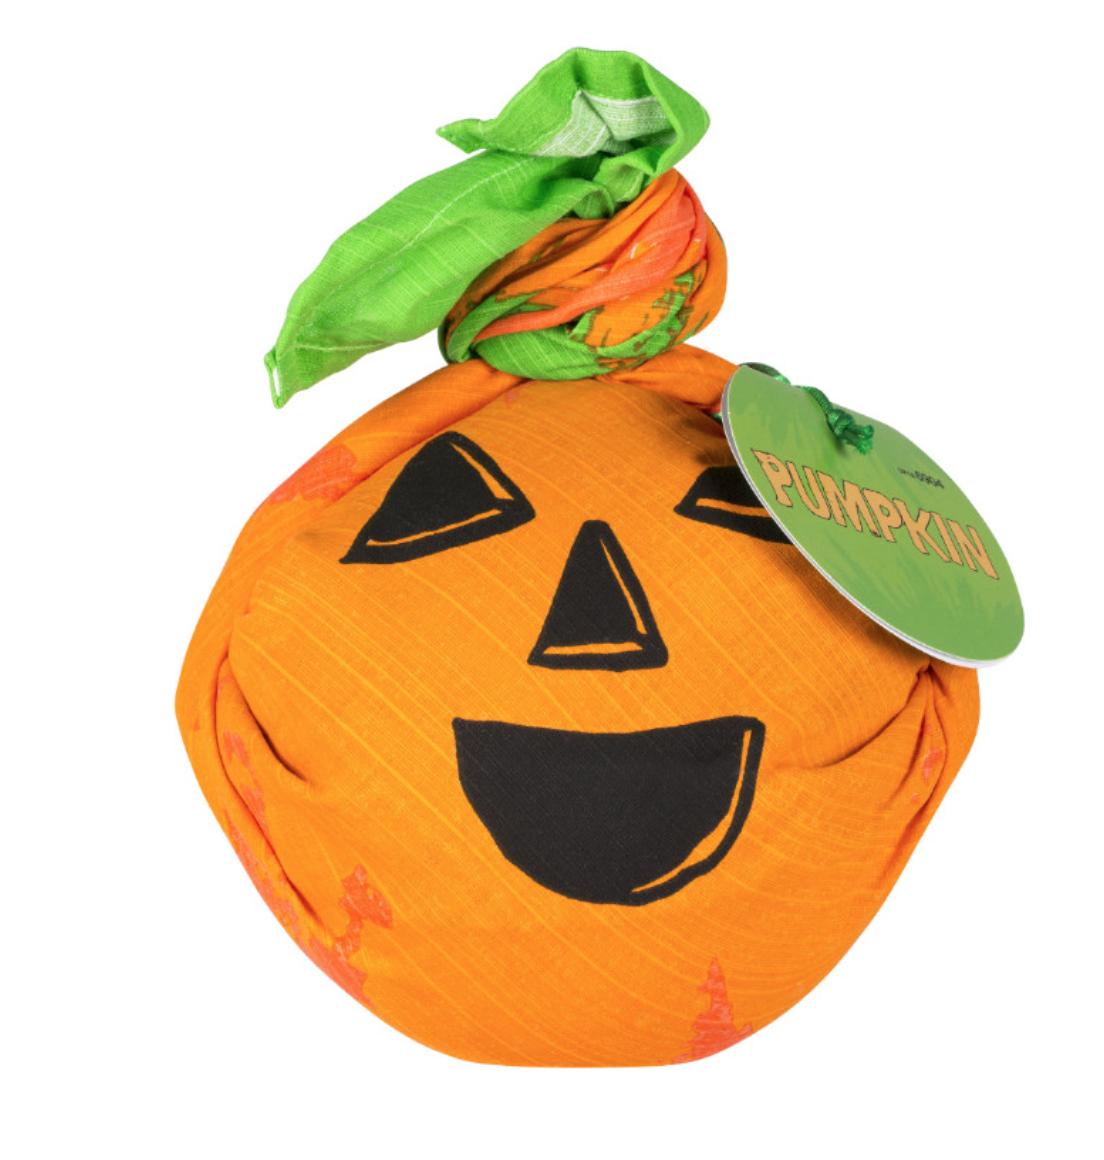 Pumpkin Geschenk Lush